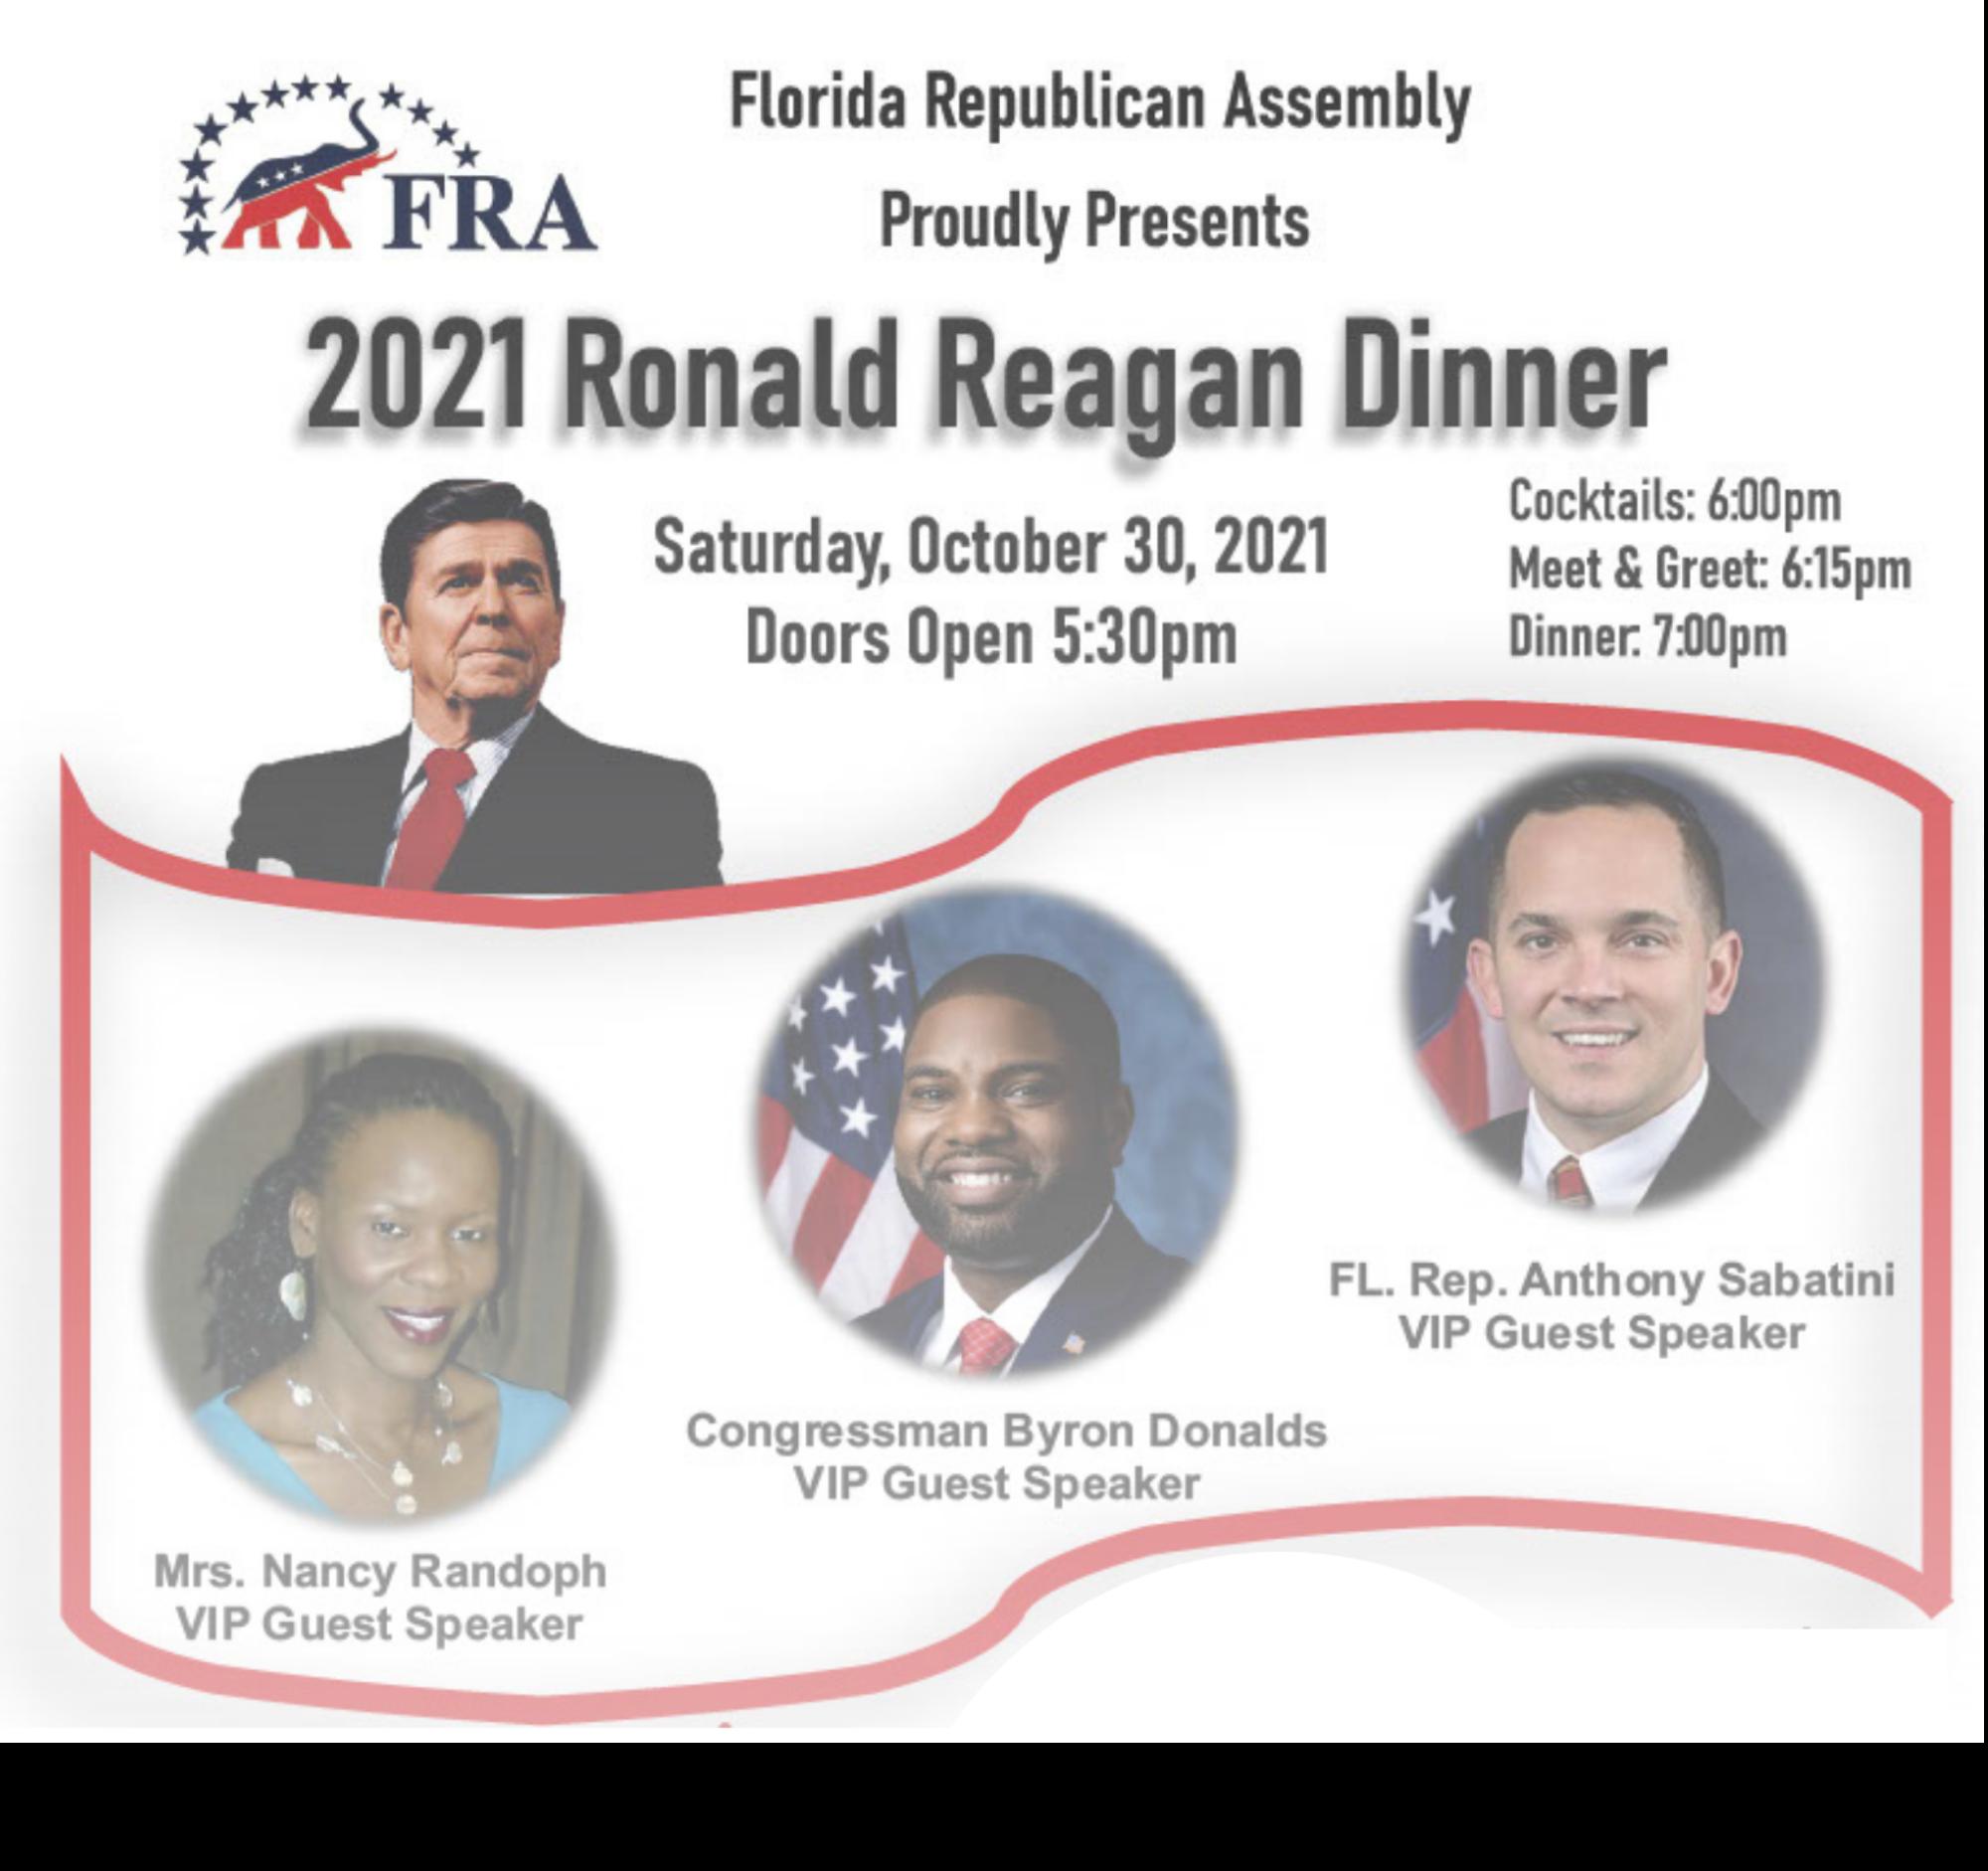 Saturday, October 30th 2021 - Ronald Reagan Dinner